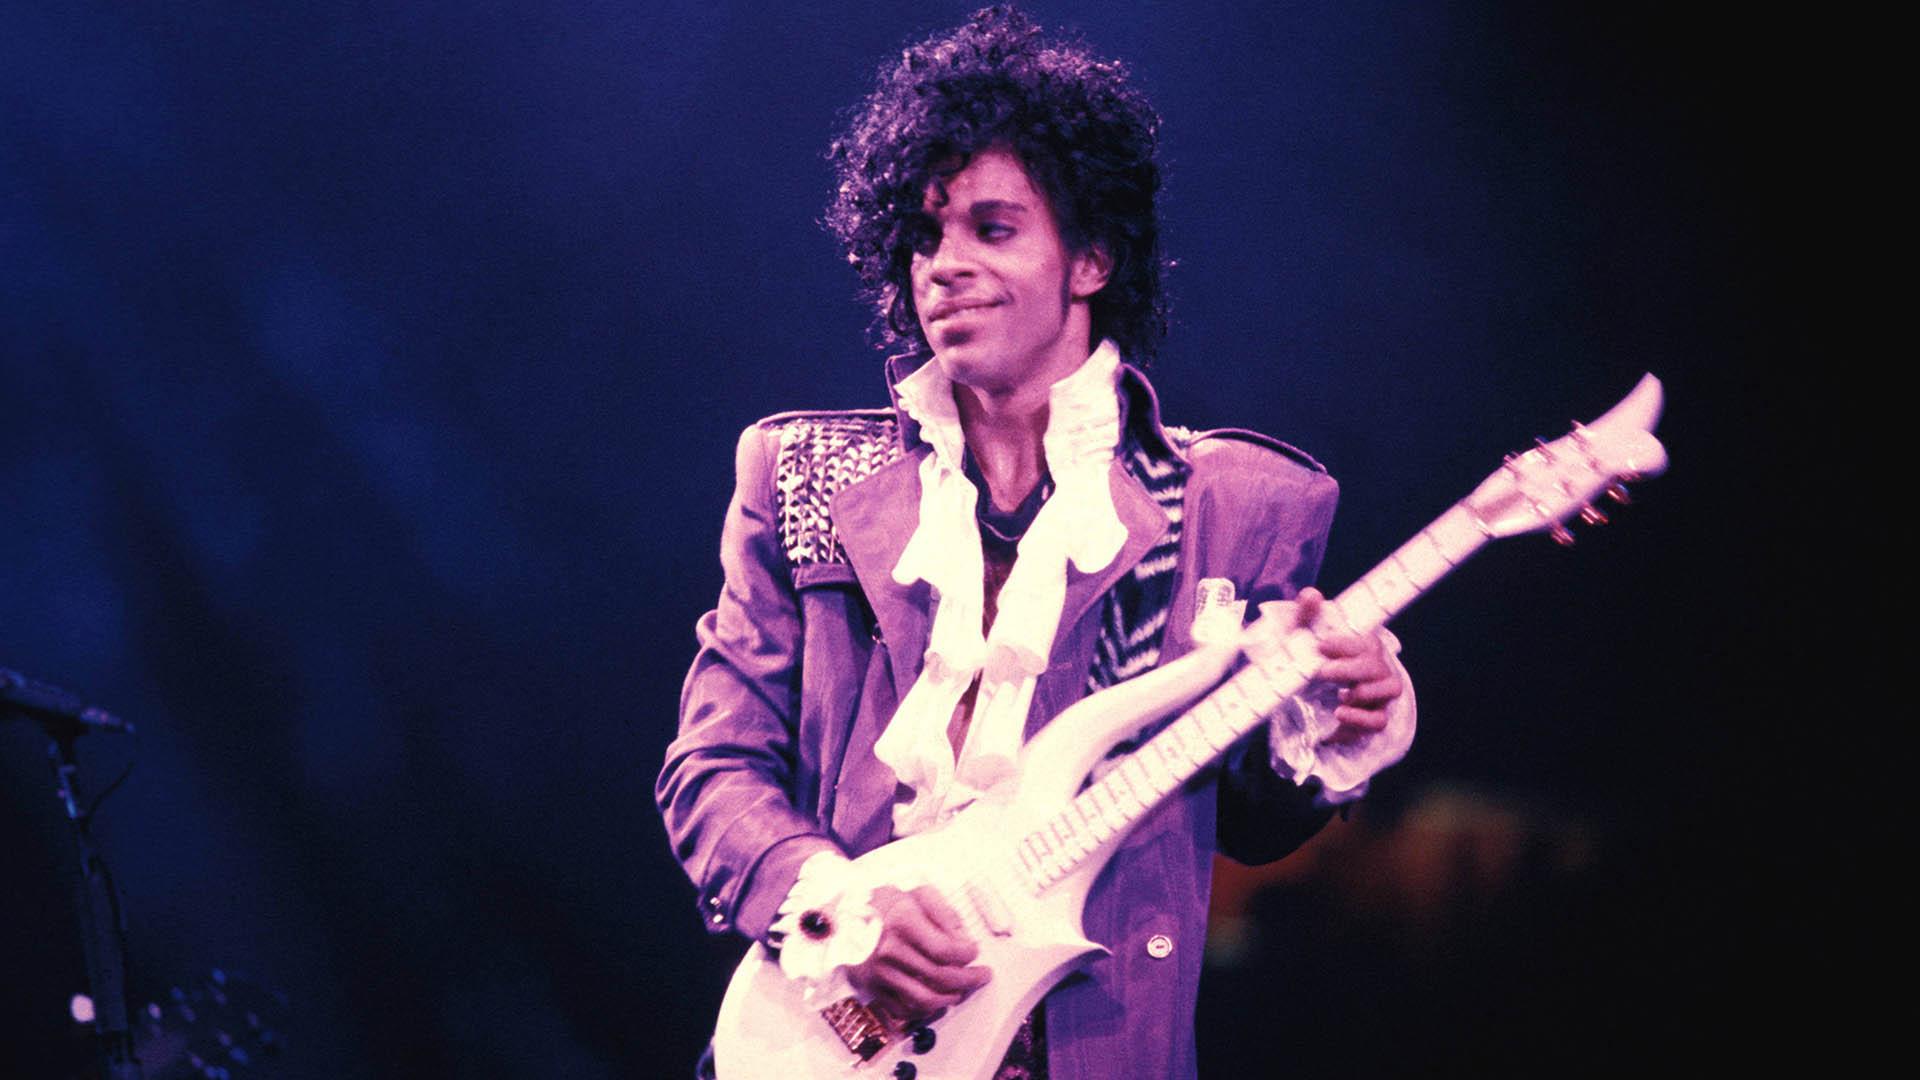 Universal prepara una película basada en canciones de Prince